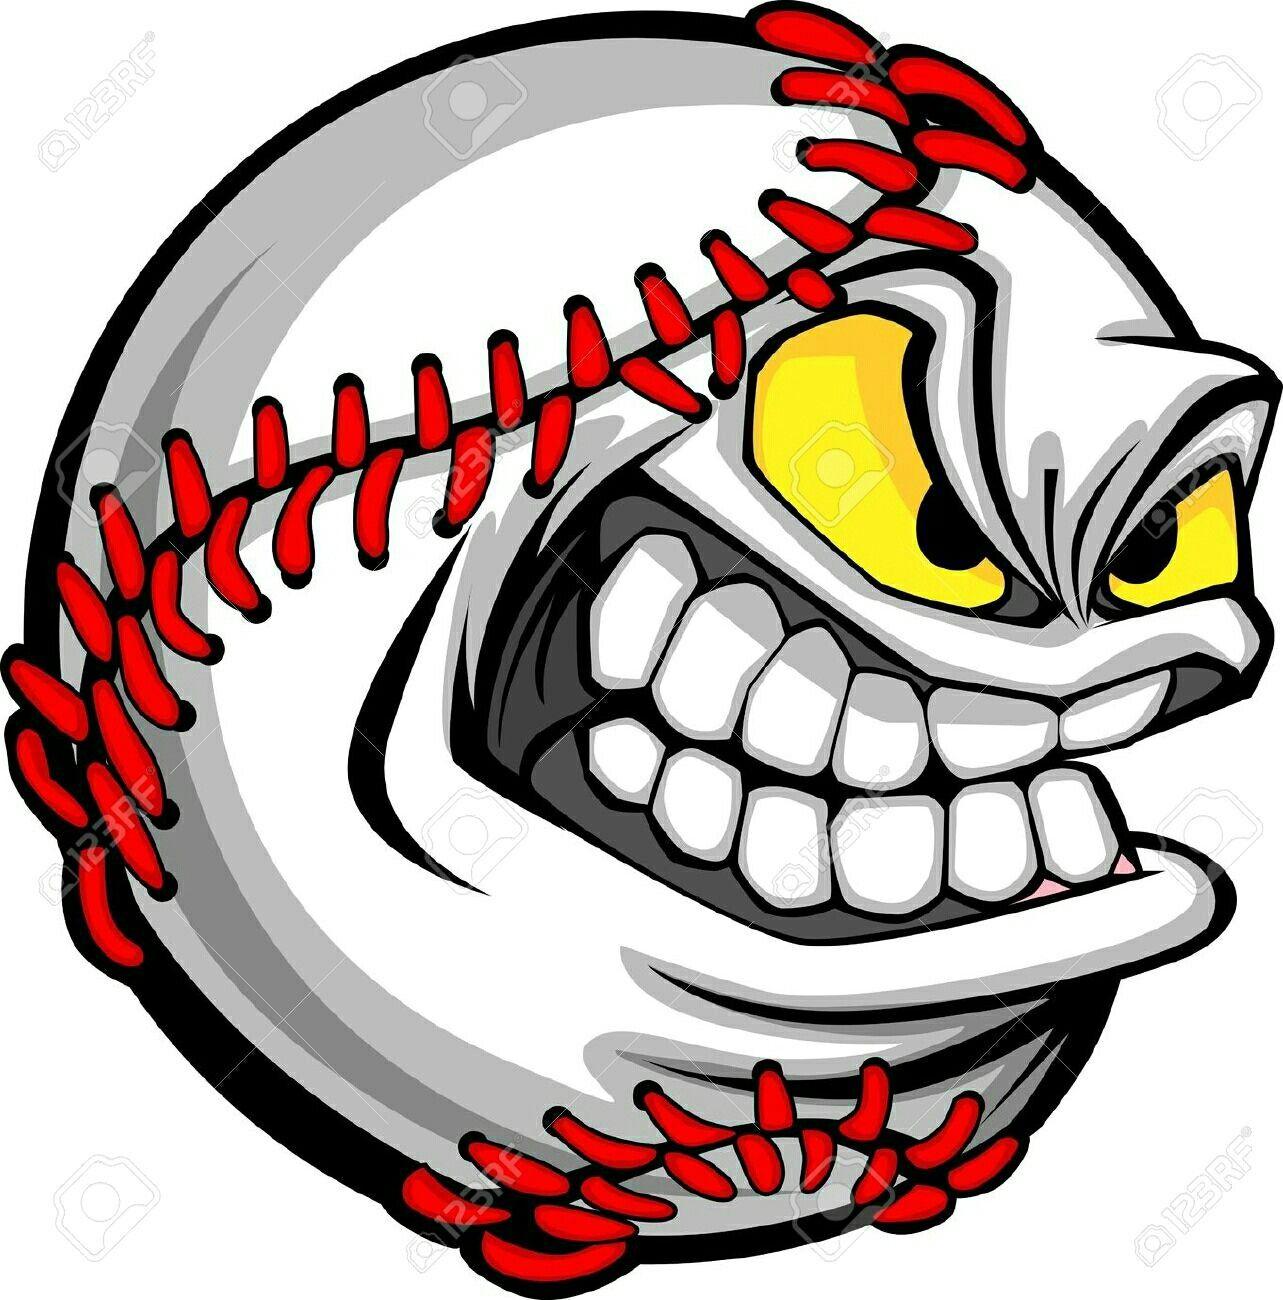 Pin By Marleen Van Esch On Baseball Baseball Wallpaper Baseball Svg Cartoon